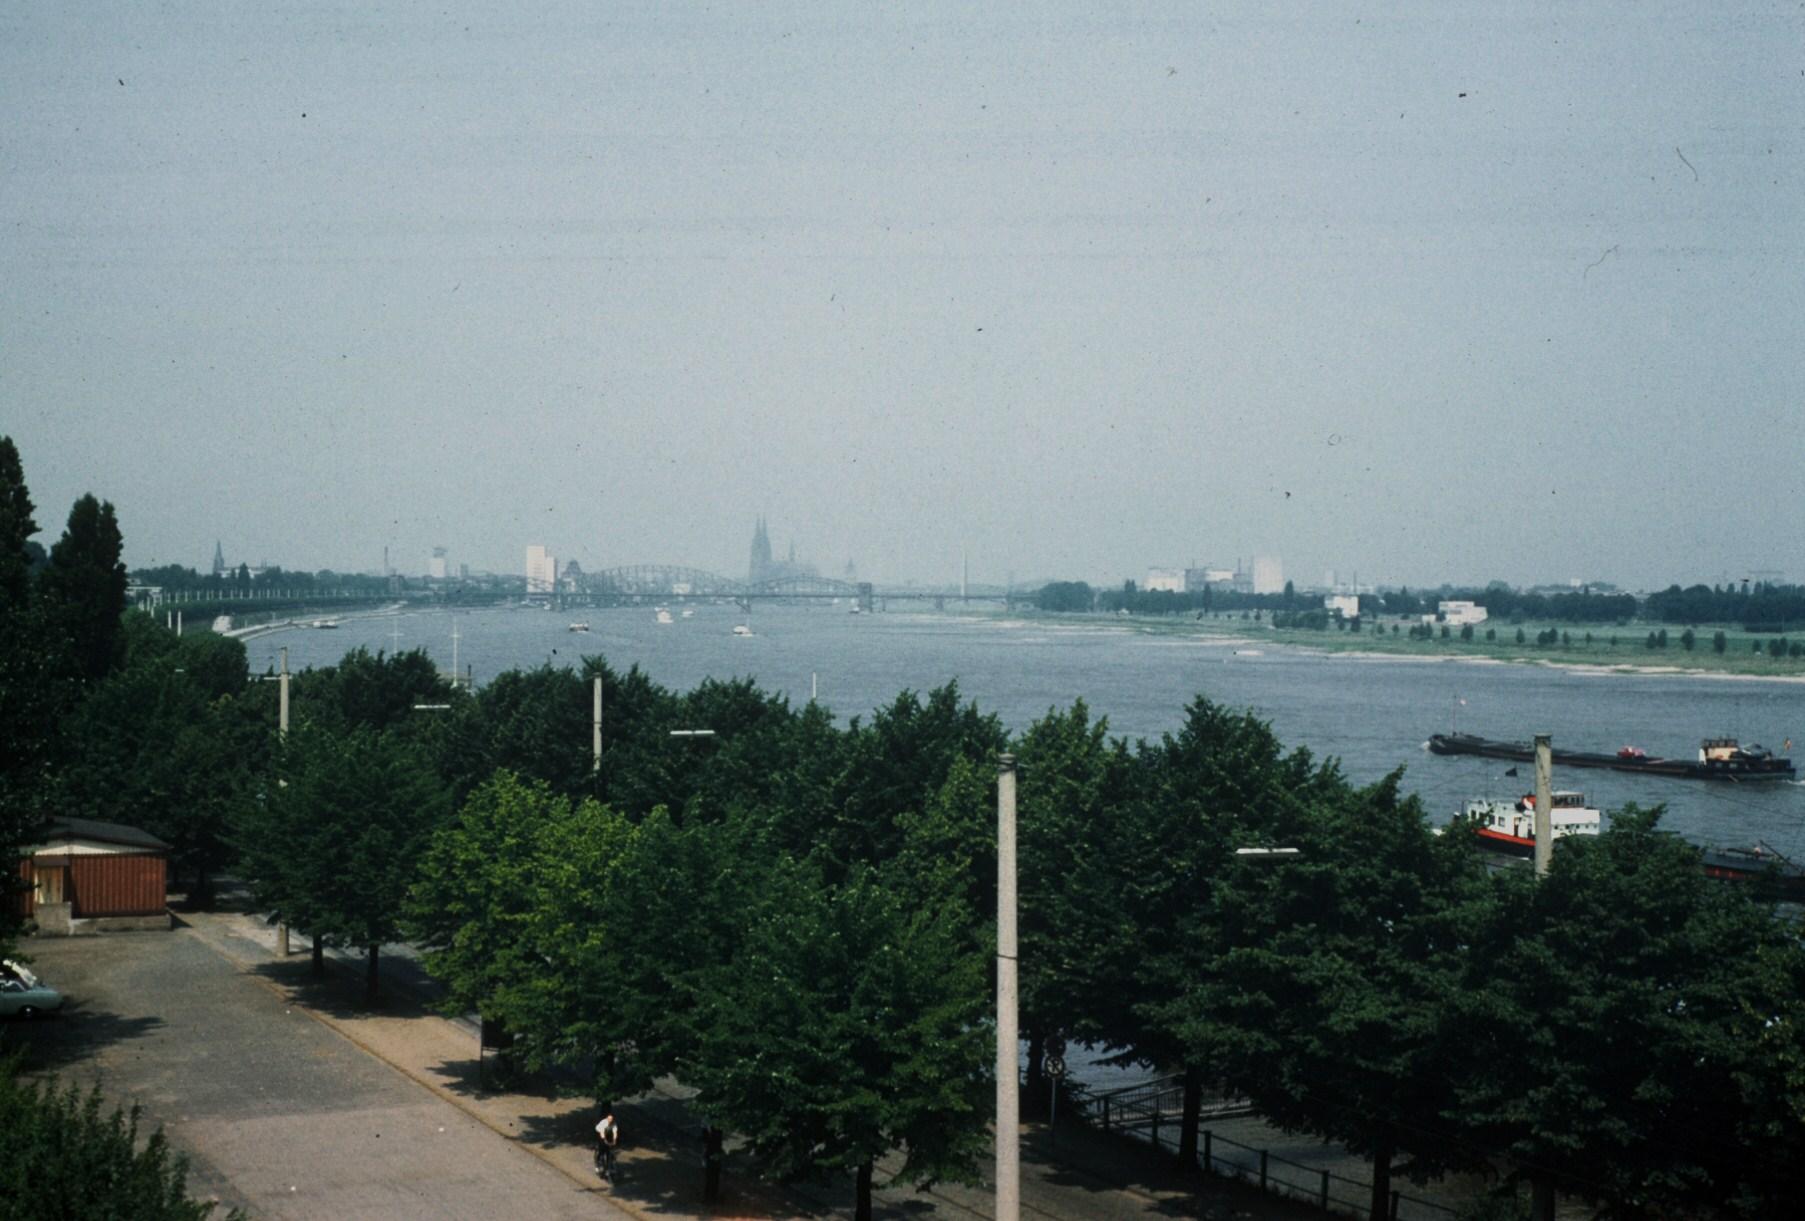 Rhine River - Cologne 2